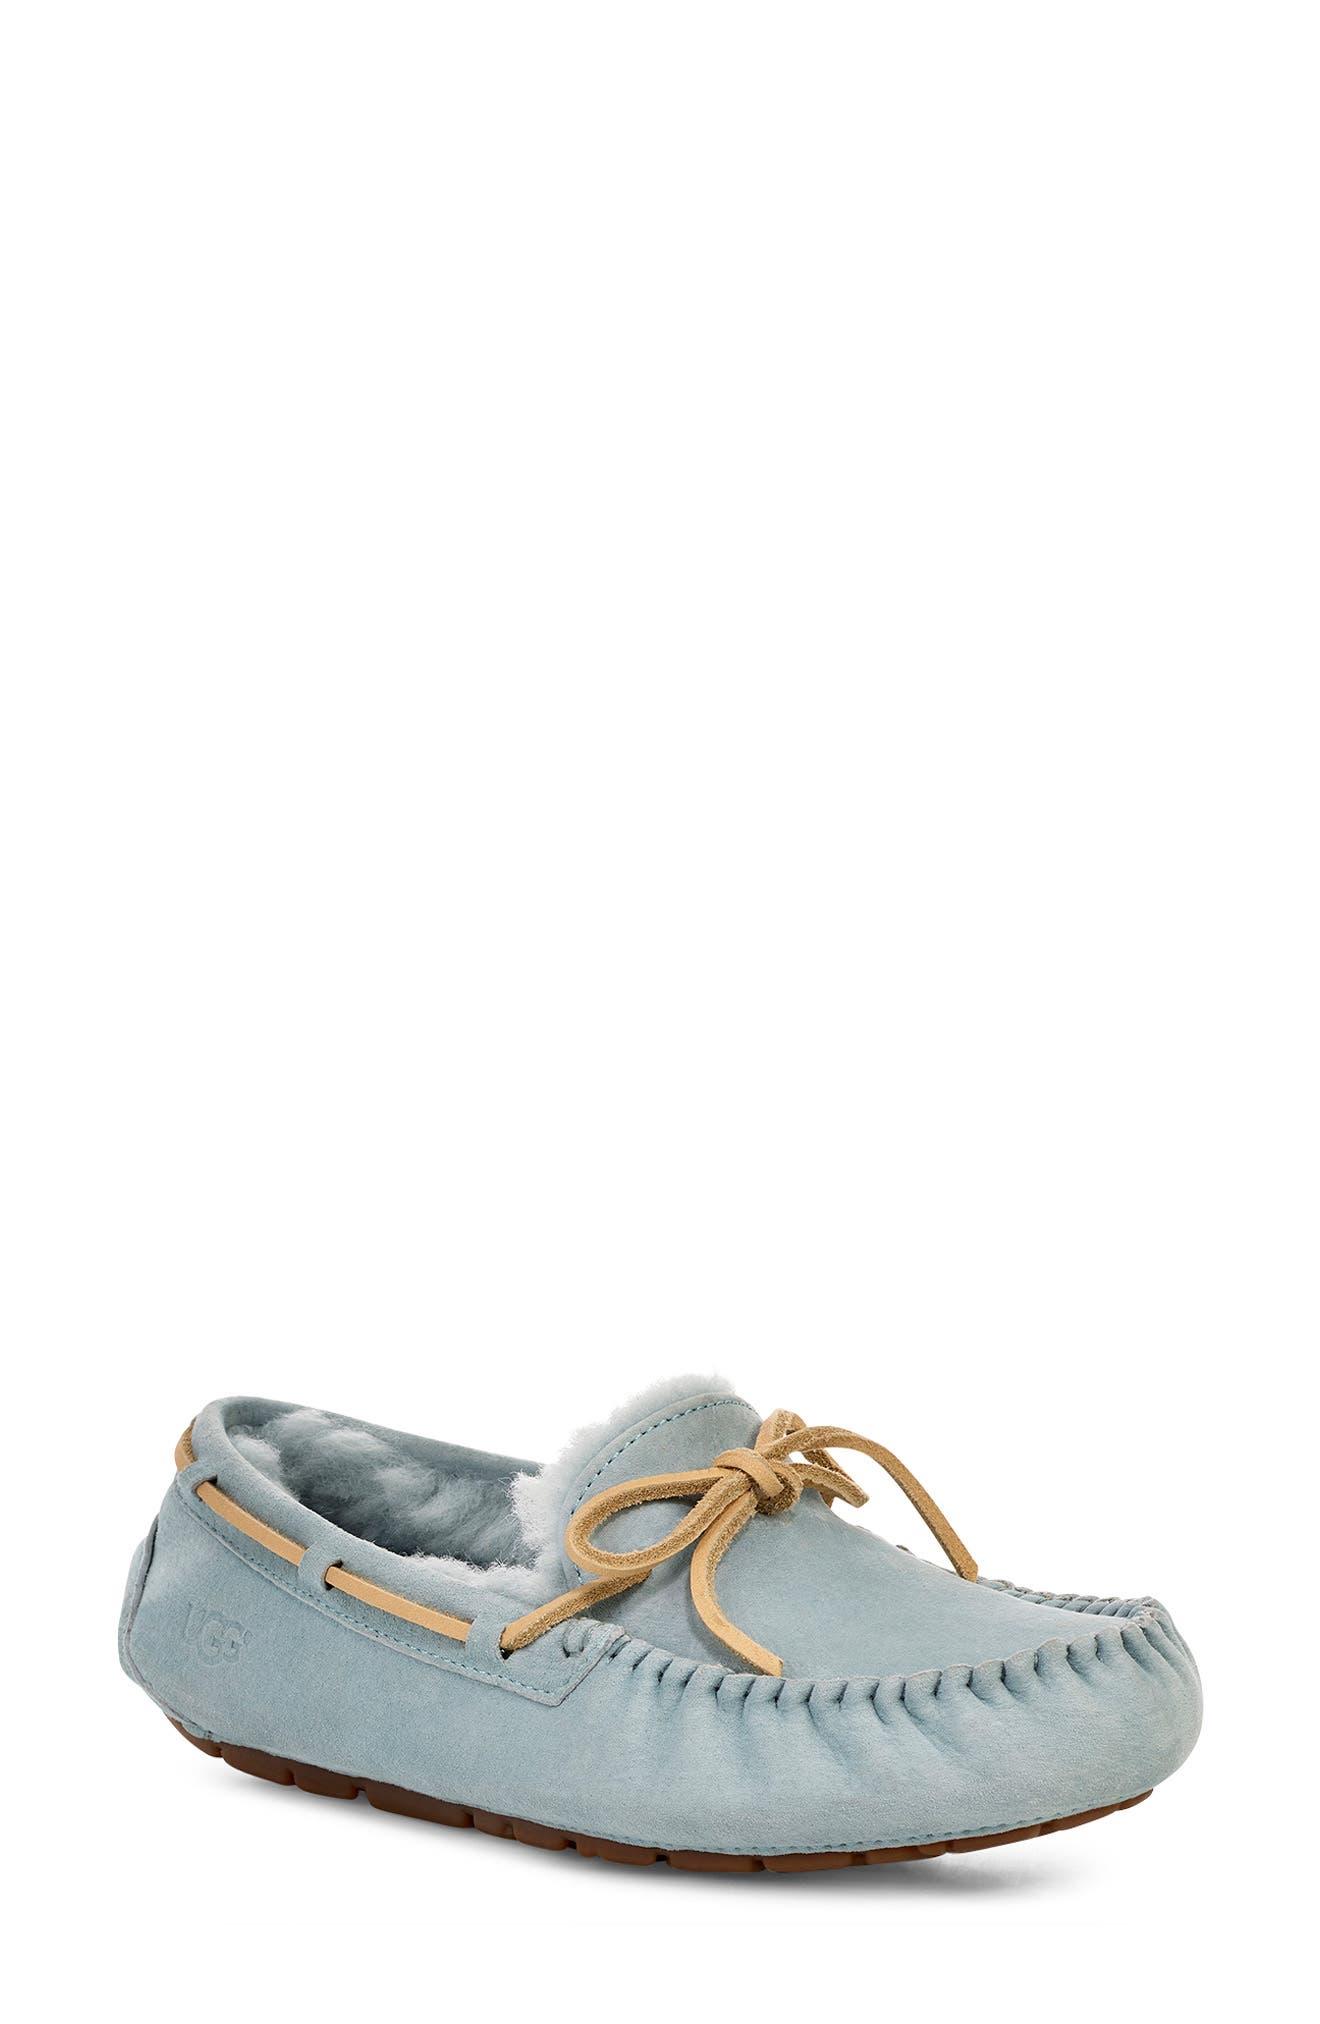 Ugg Dakota Water Resistant Slipper, Blue